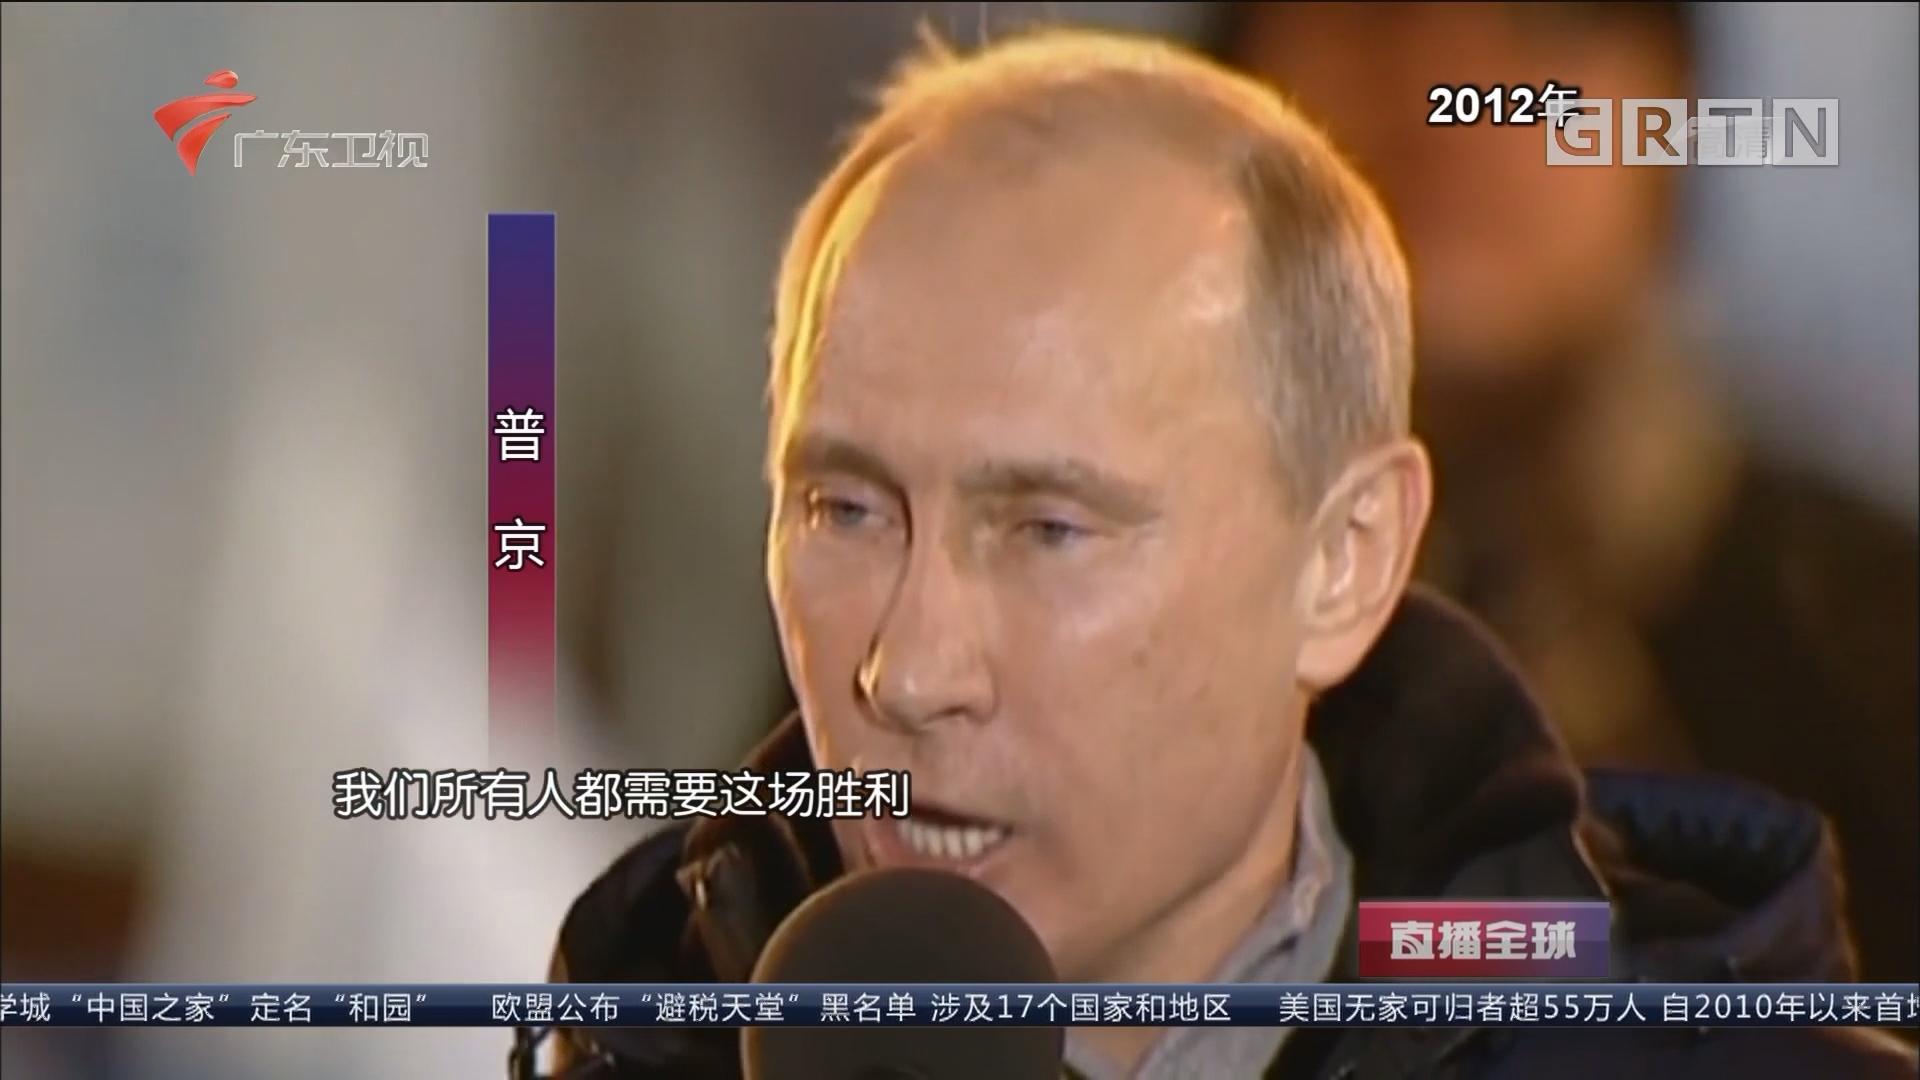 揭秘普京的总统之路 从总理到总统 普京助力俄罗斯重新崛起